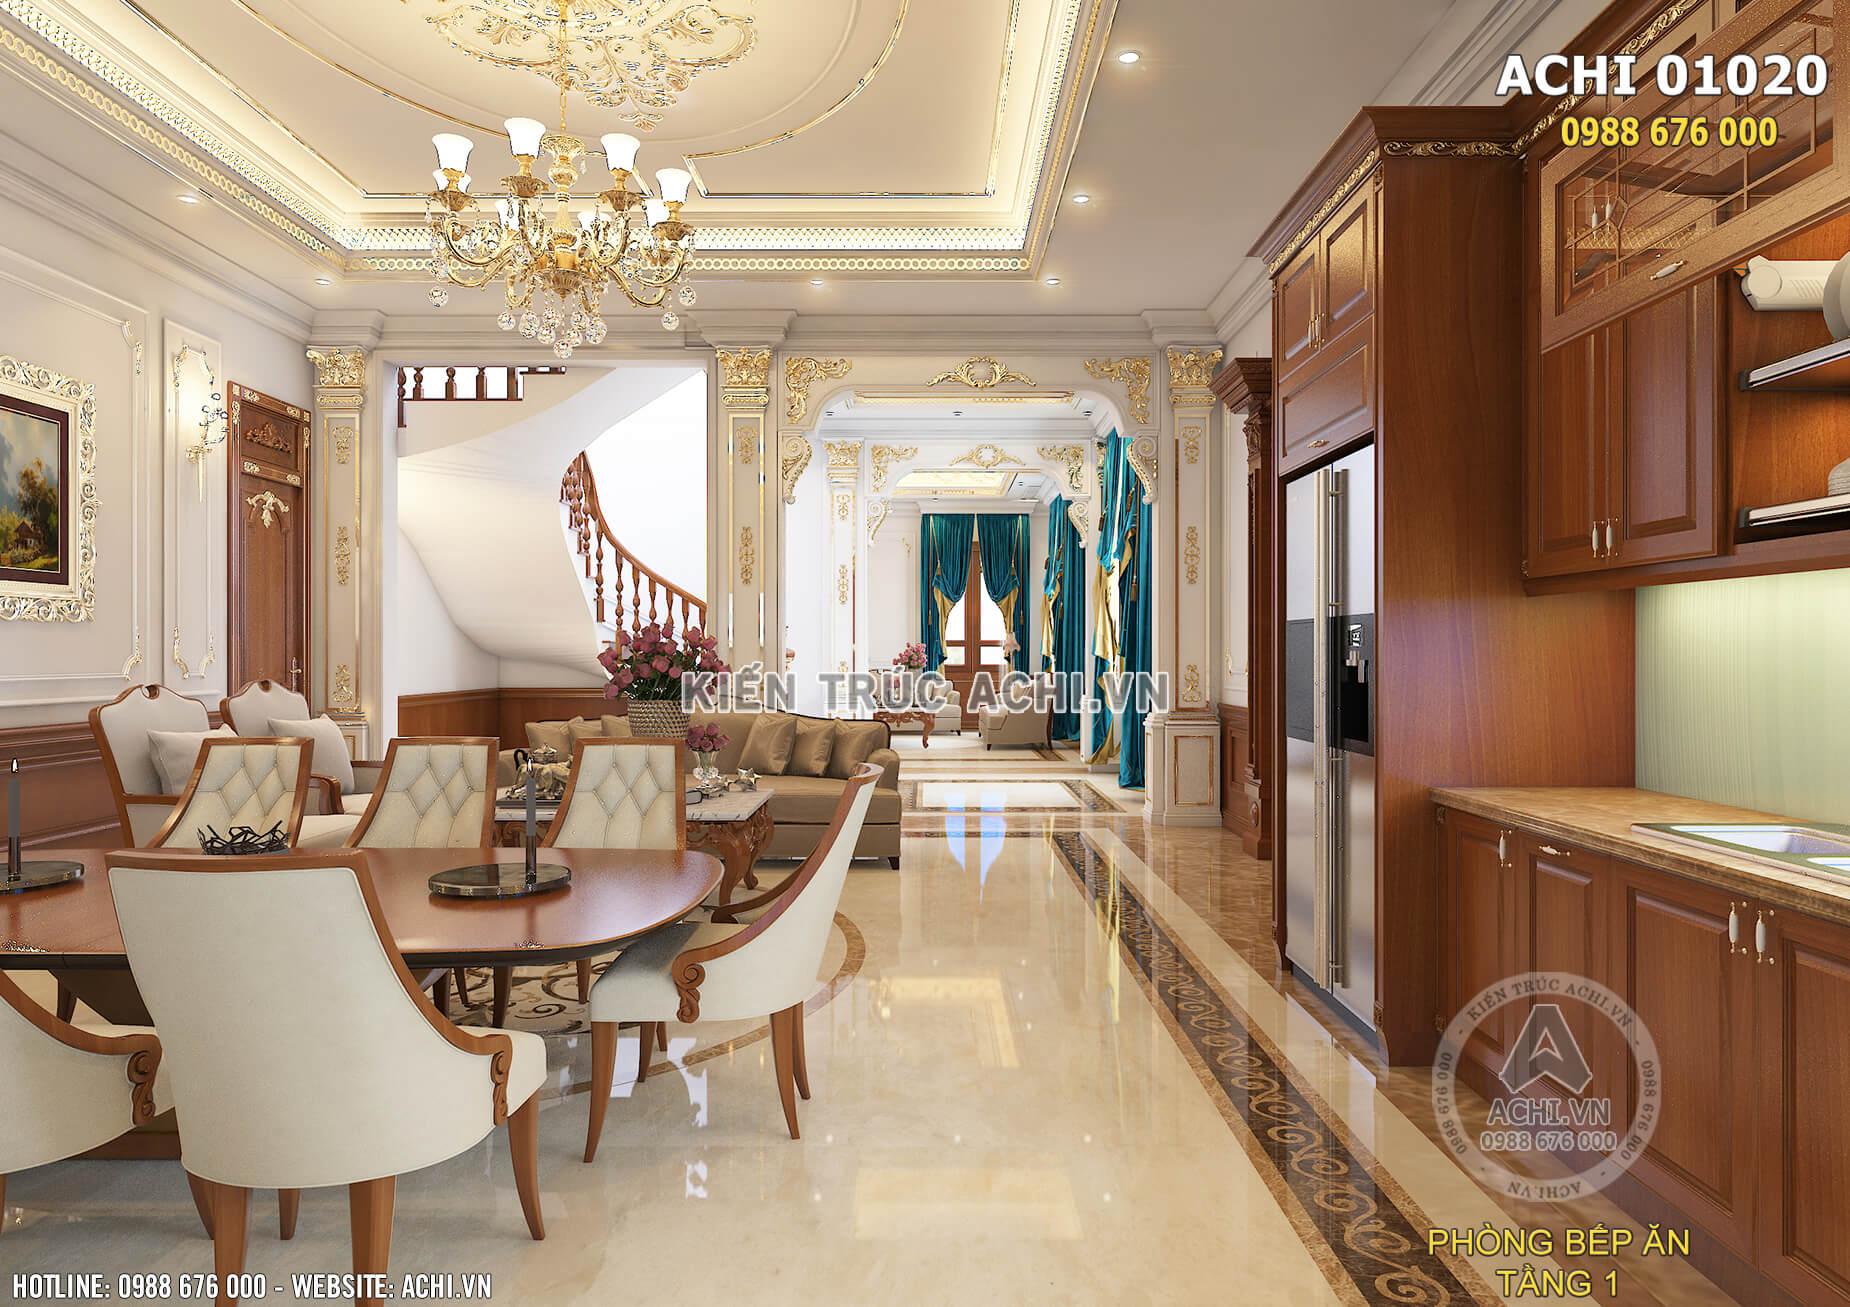 Mẫu thiết kế nội thất phòng bếp ăn của ngôi biệt thự tân cổ